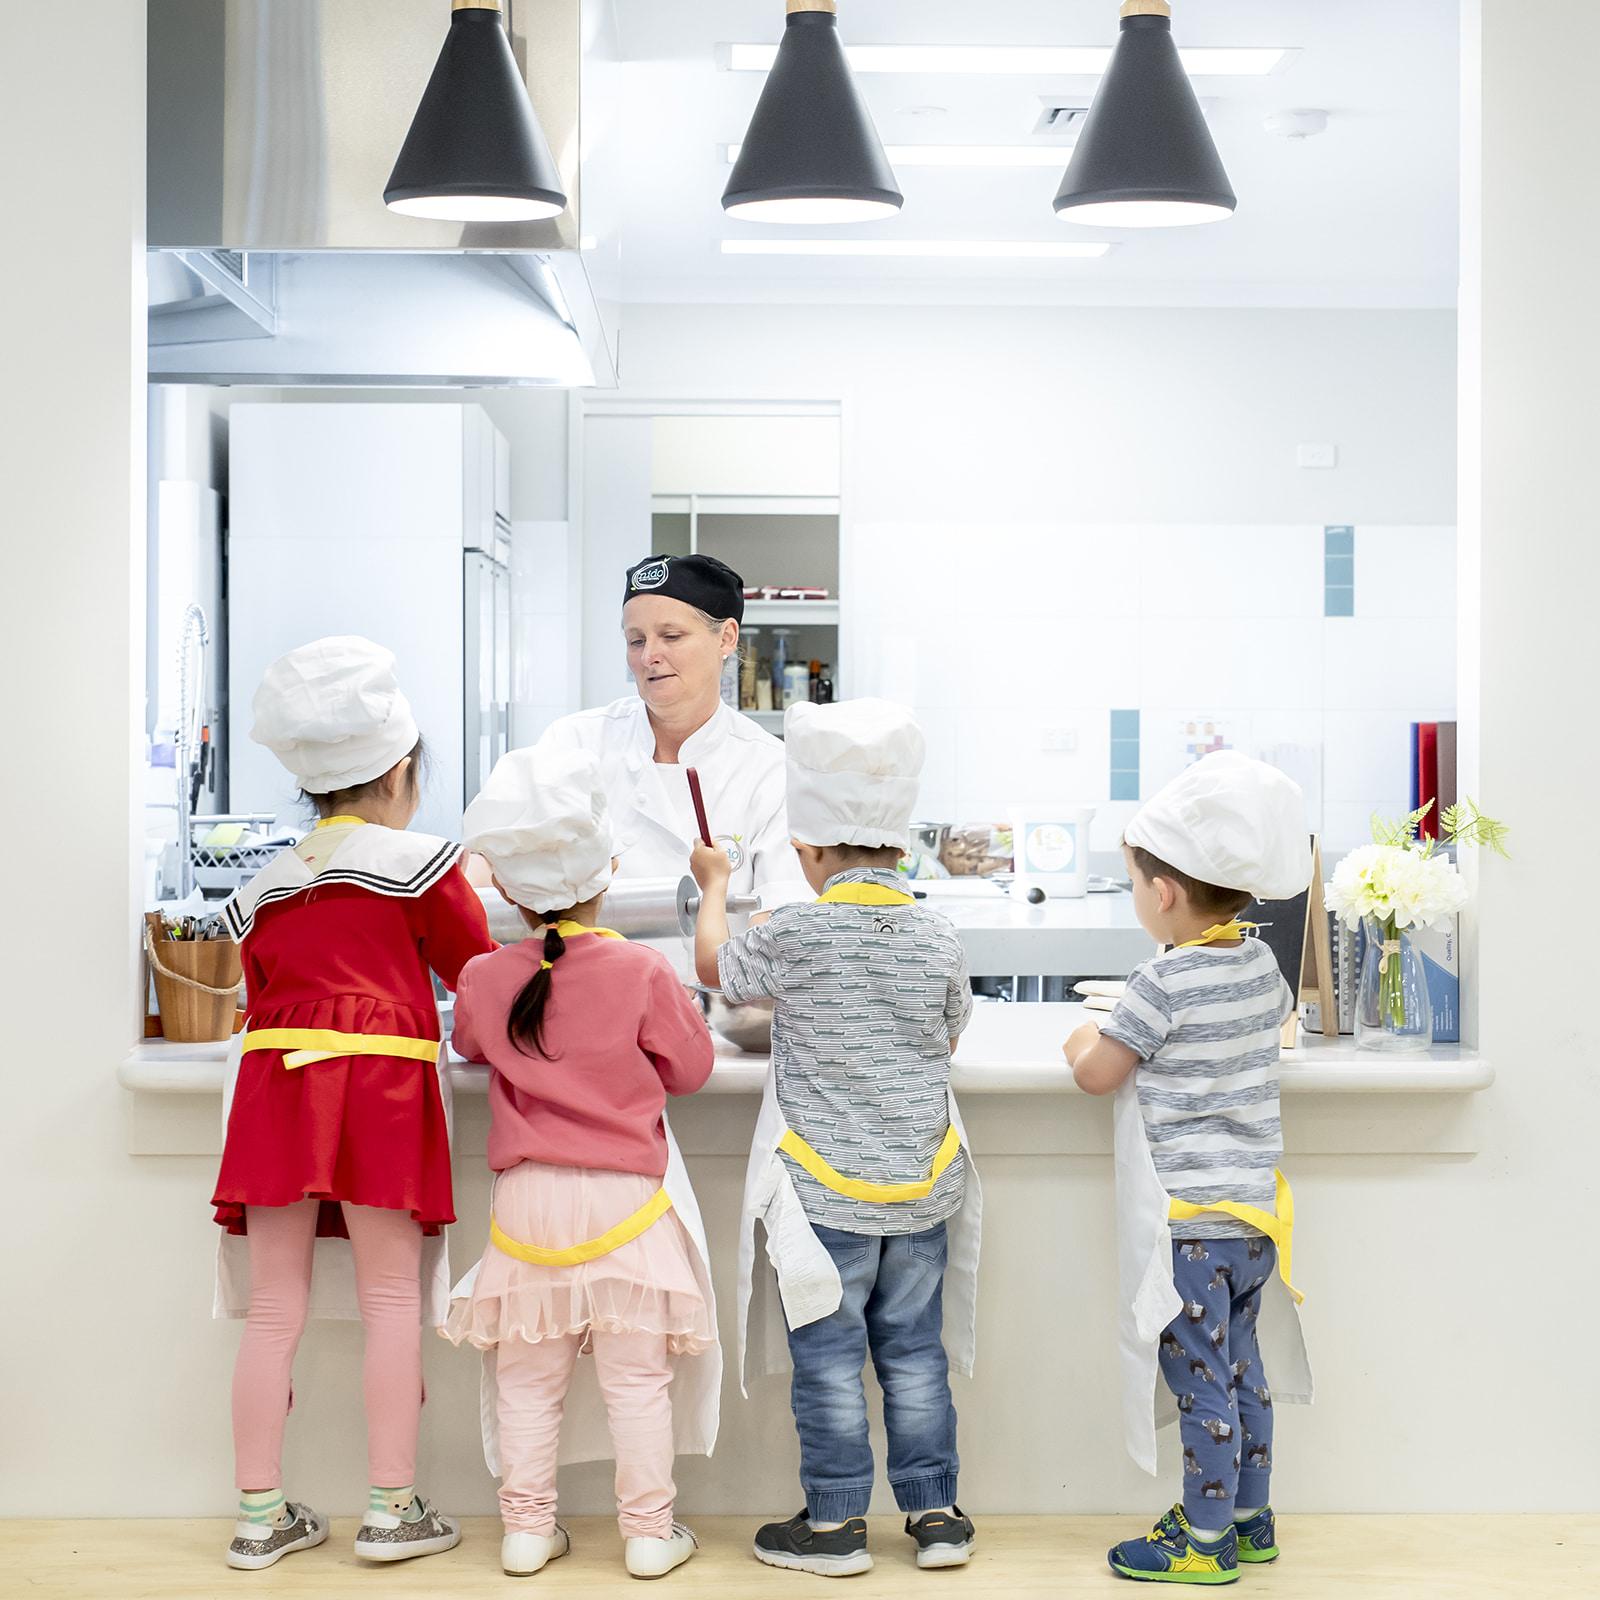 Mini MAster Chef Classes